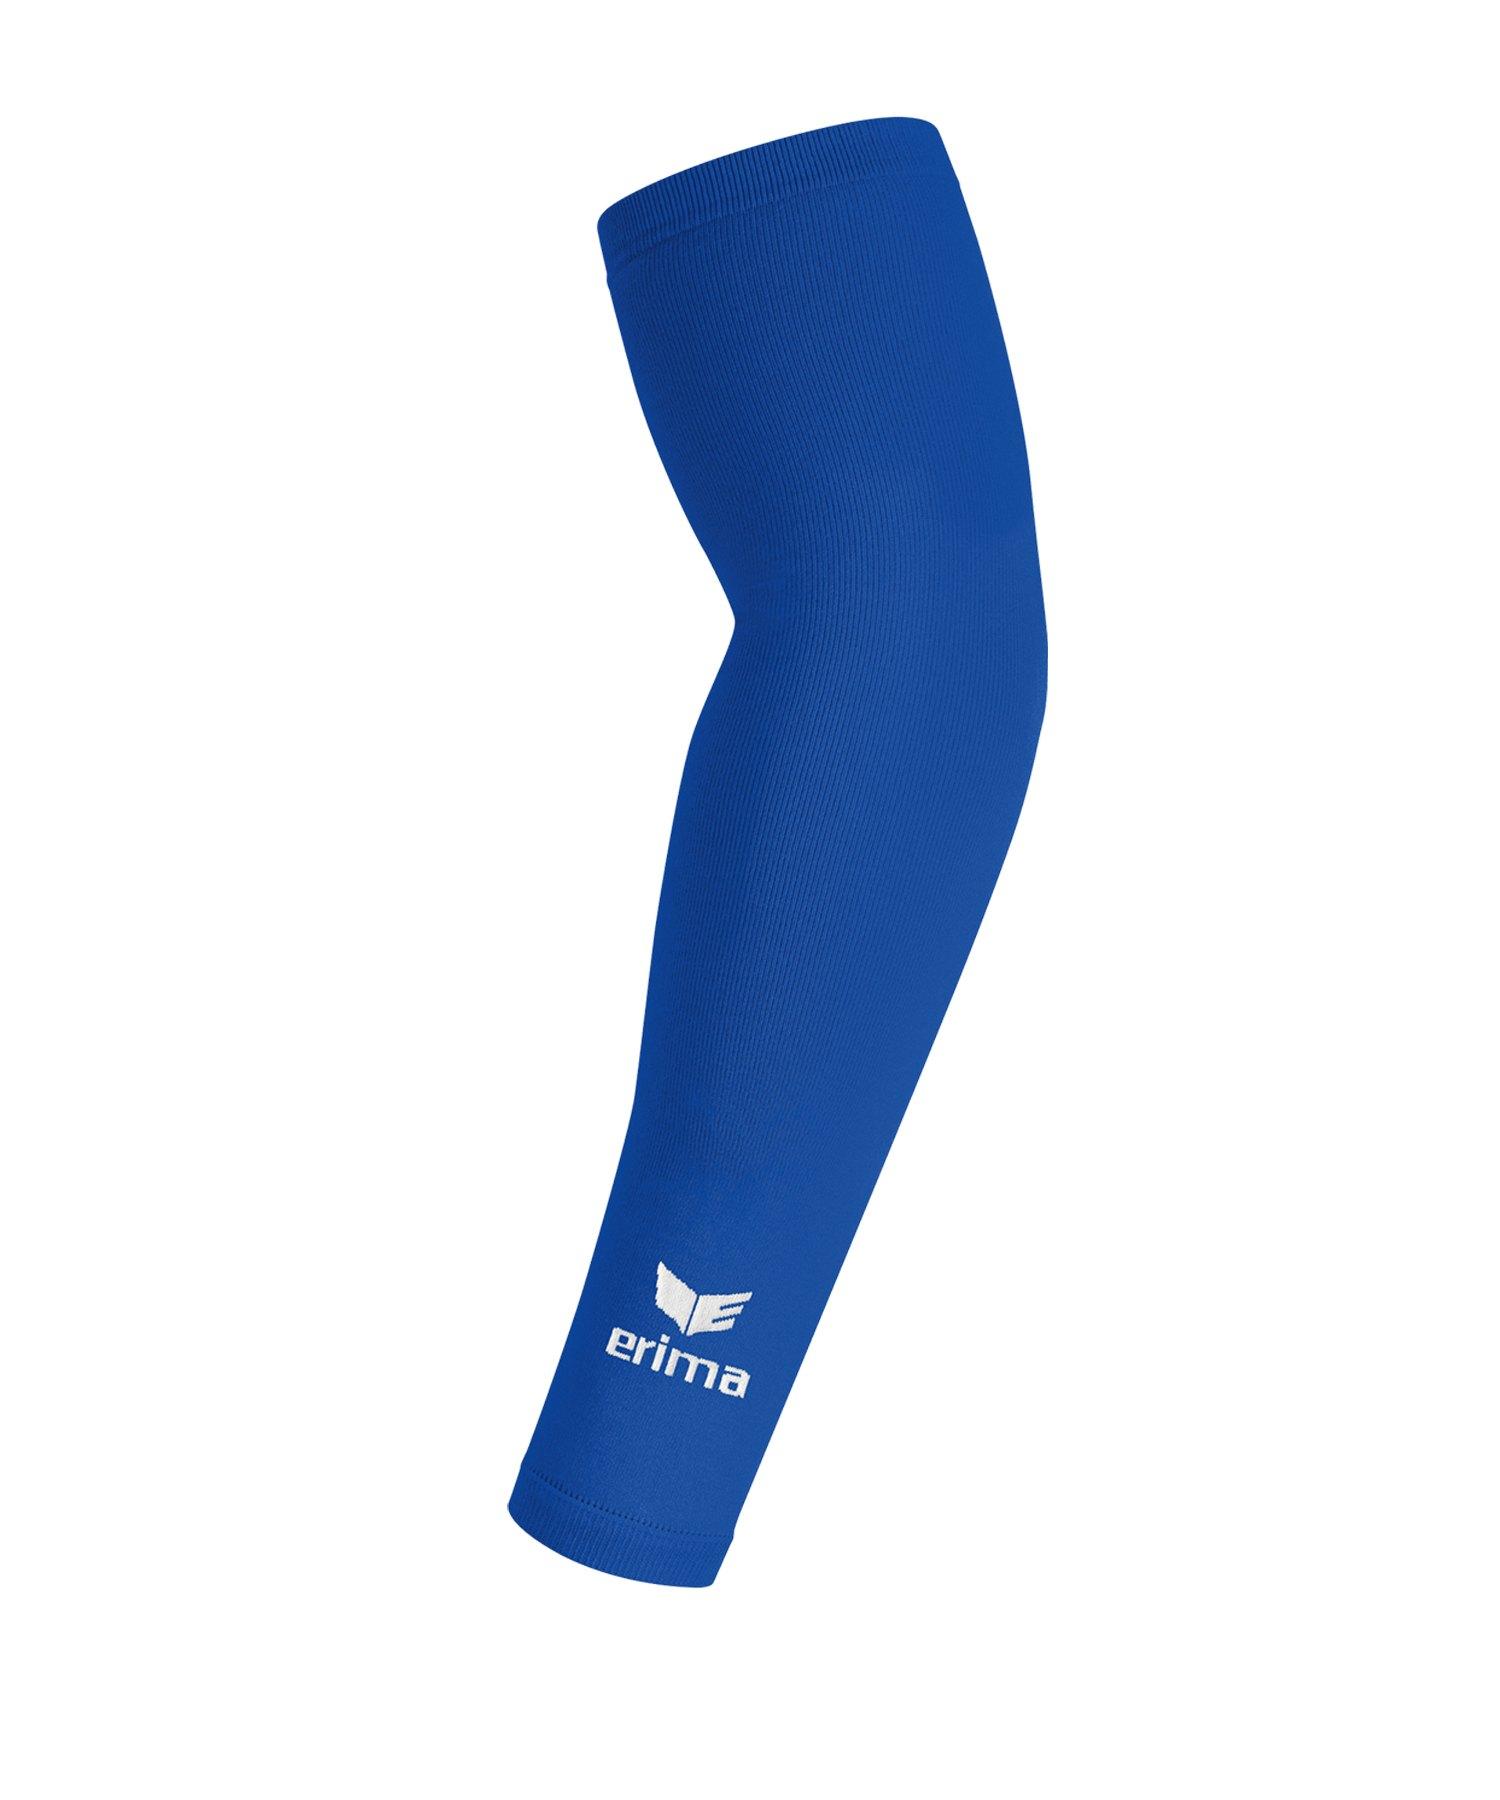 Erima Armsleeve Blau - blau